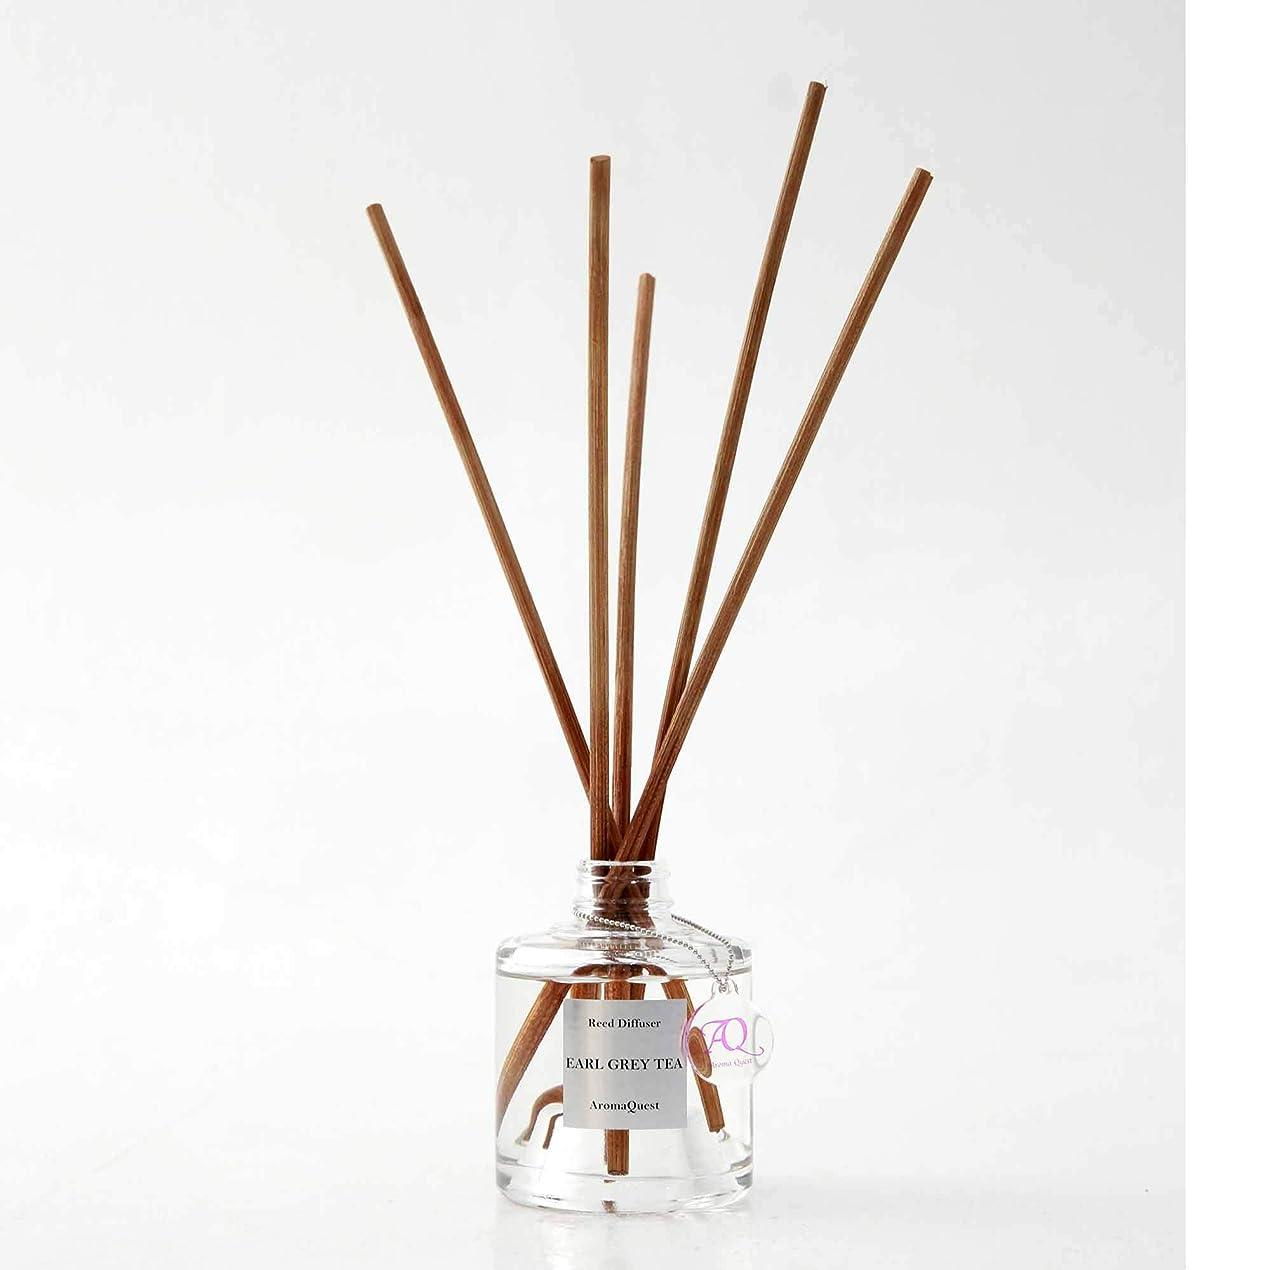 ルームフレグランス リードディフューザー アロマディフューザー 150ml アールグレイティー EARL GREY TEA 紅茶の香り(箱?紙袋なし)